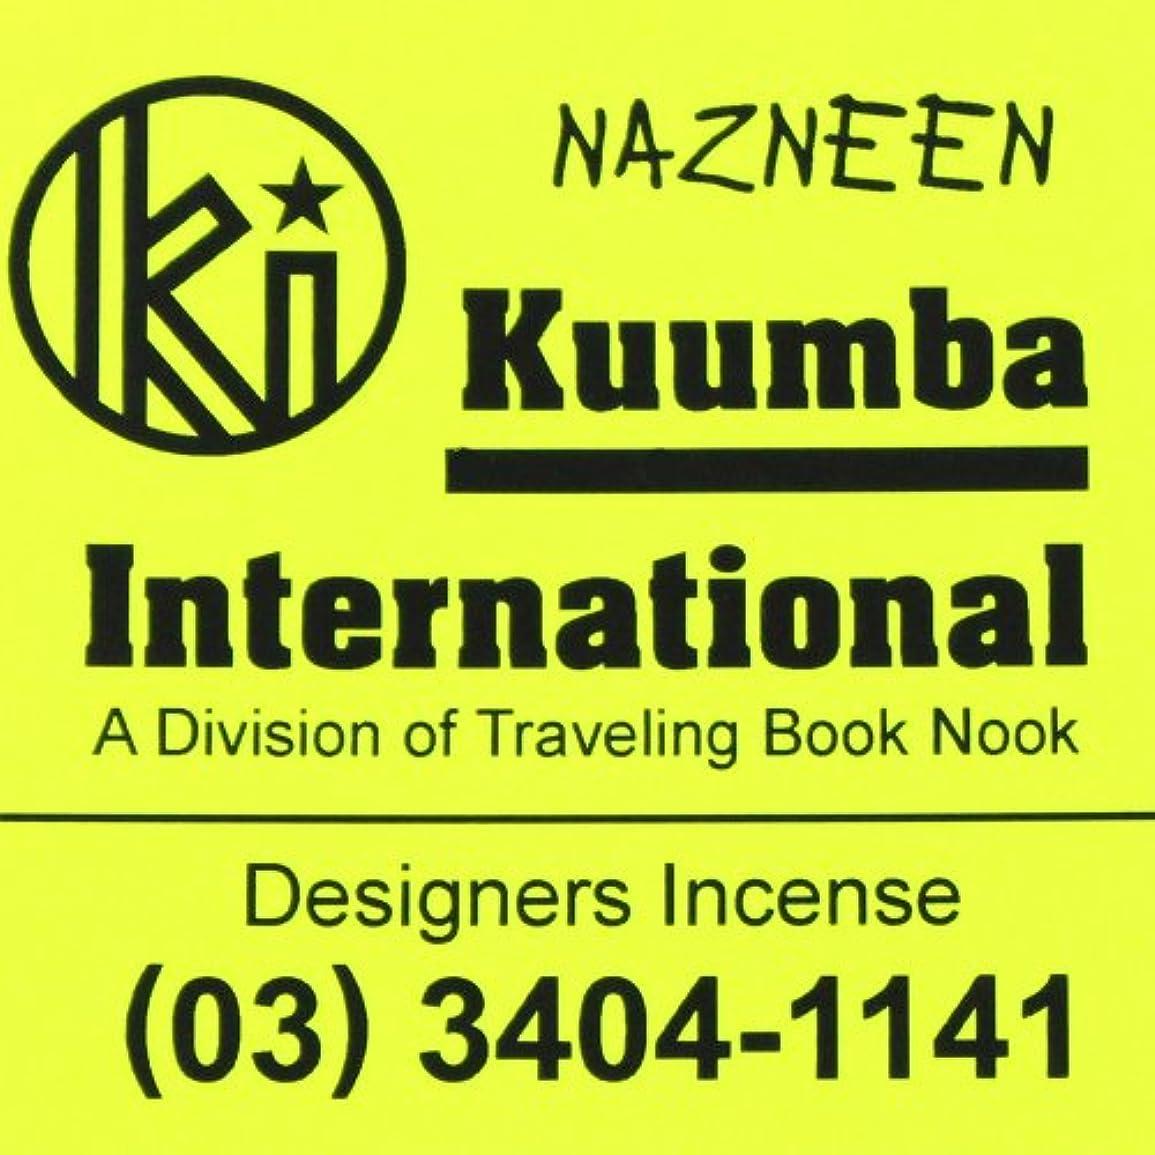 苦味あいまいさ死の顎(クンバ) KUUMBA『classic regular incense』(NAZNEEN) (Regular size)